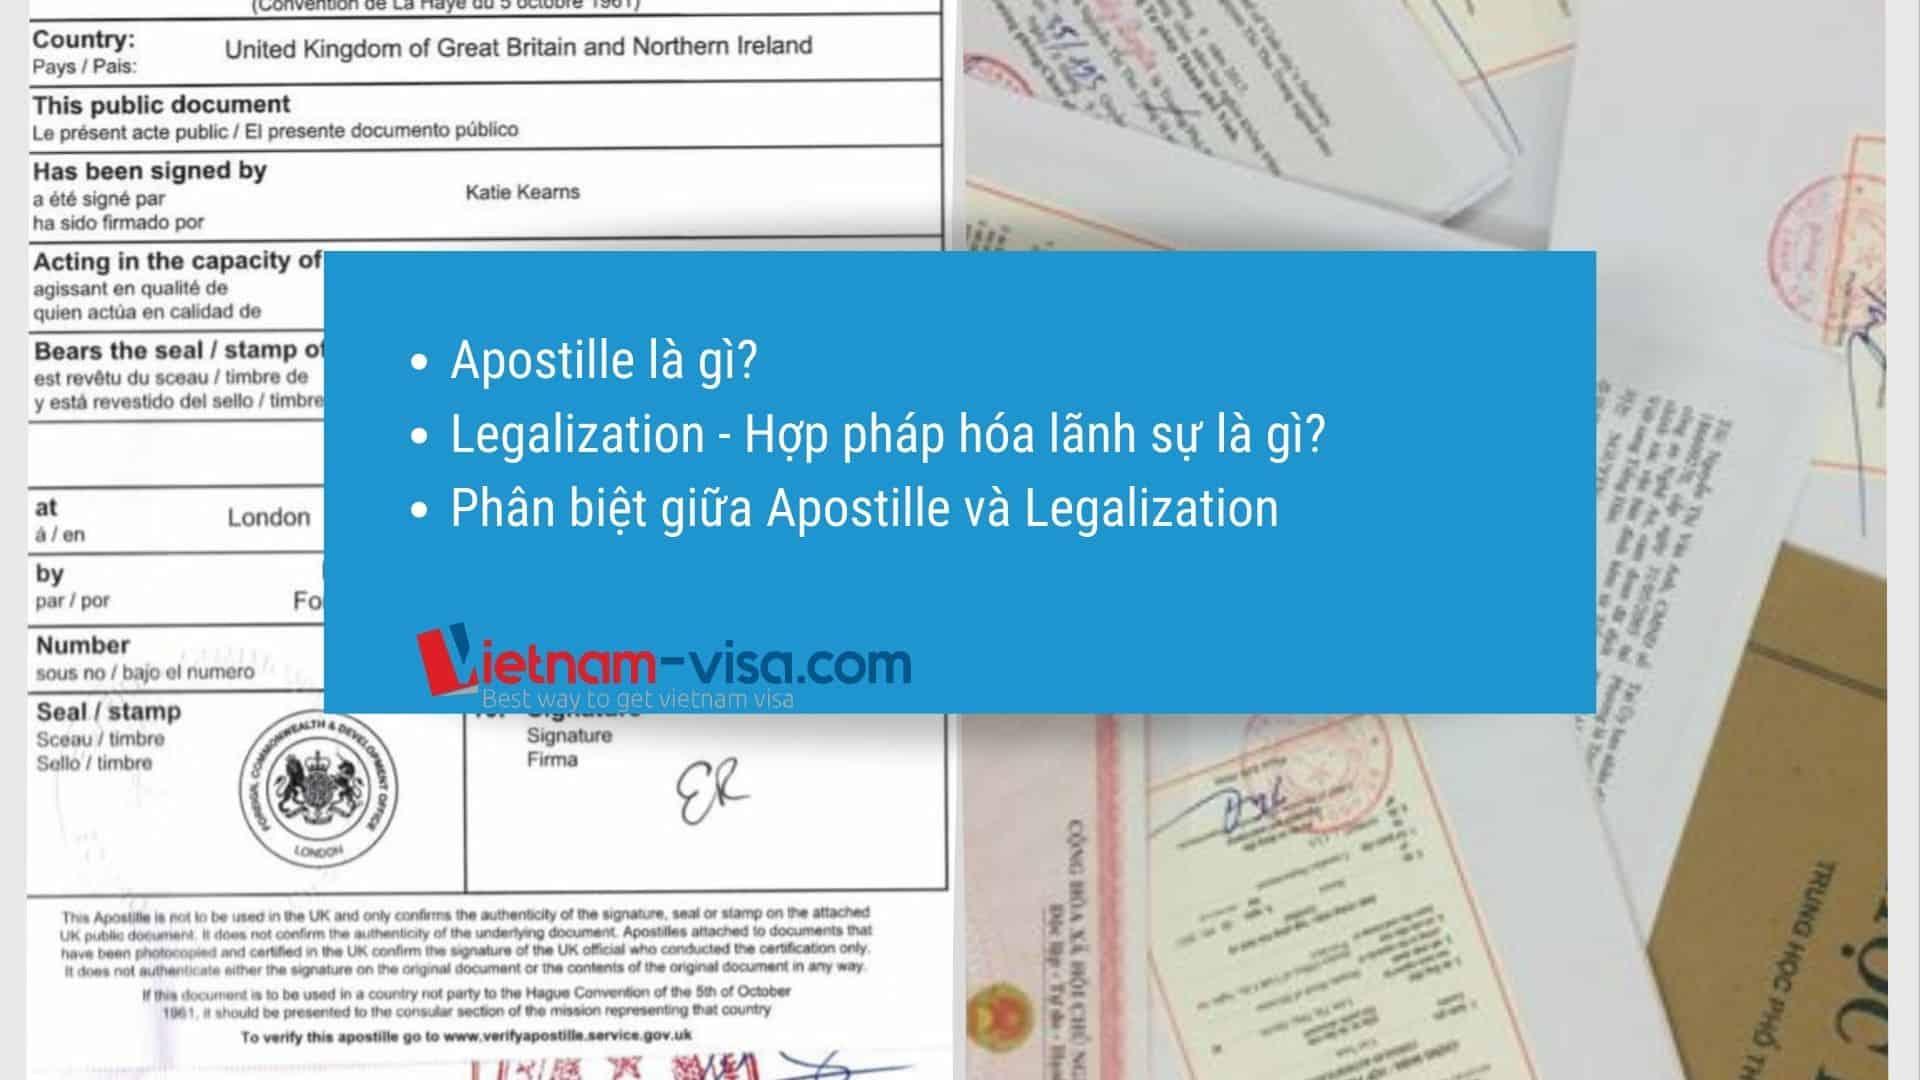 Apostille là gì – Phân biệt Apostille và Legalization – Hợp pháp hóa lãnh sự